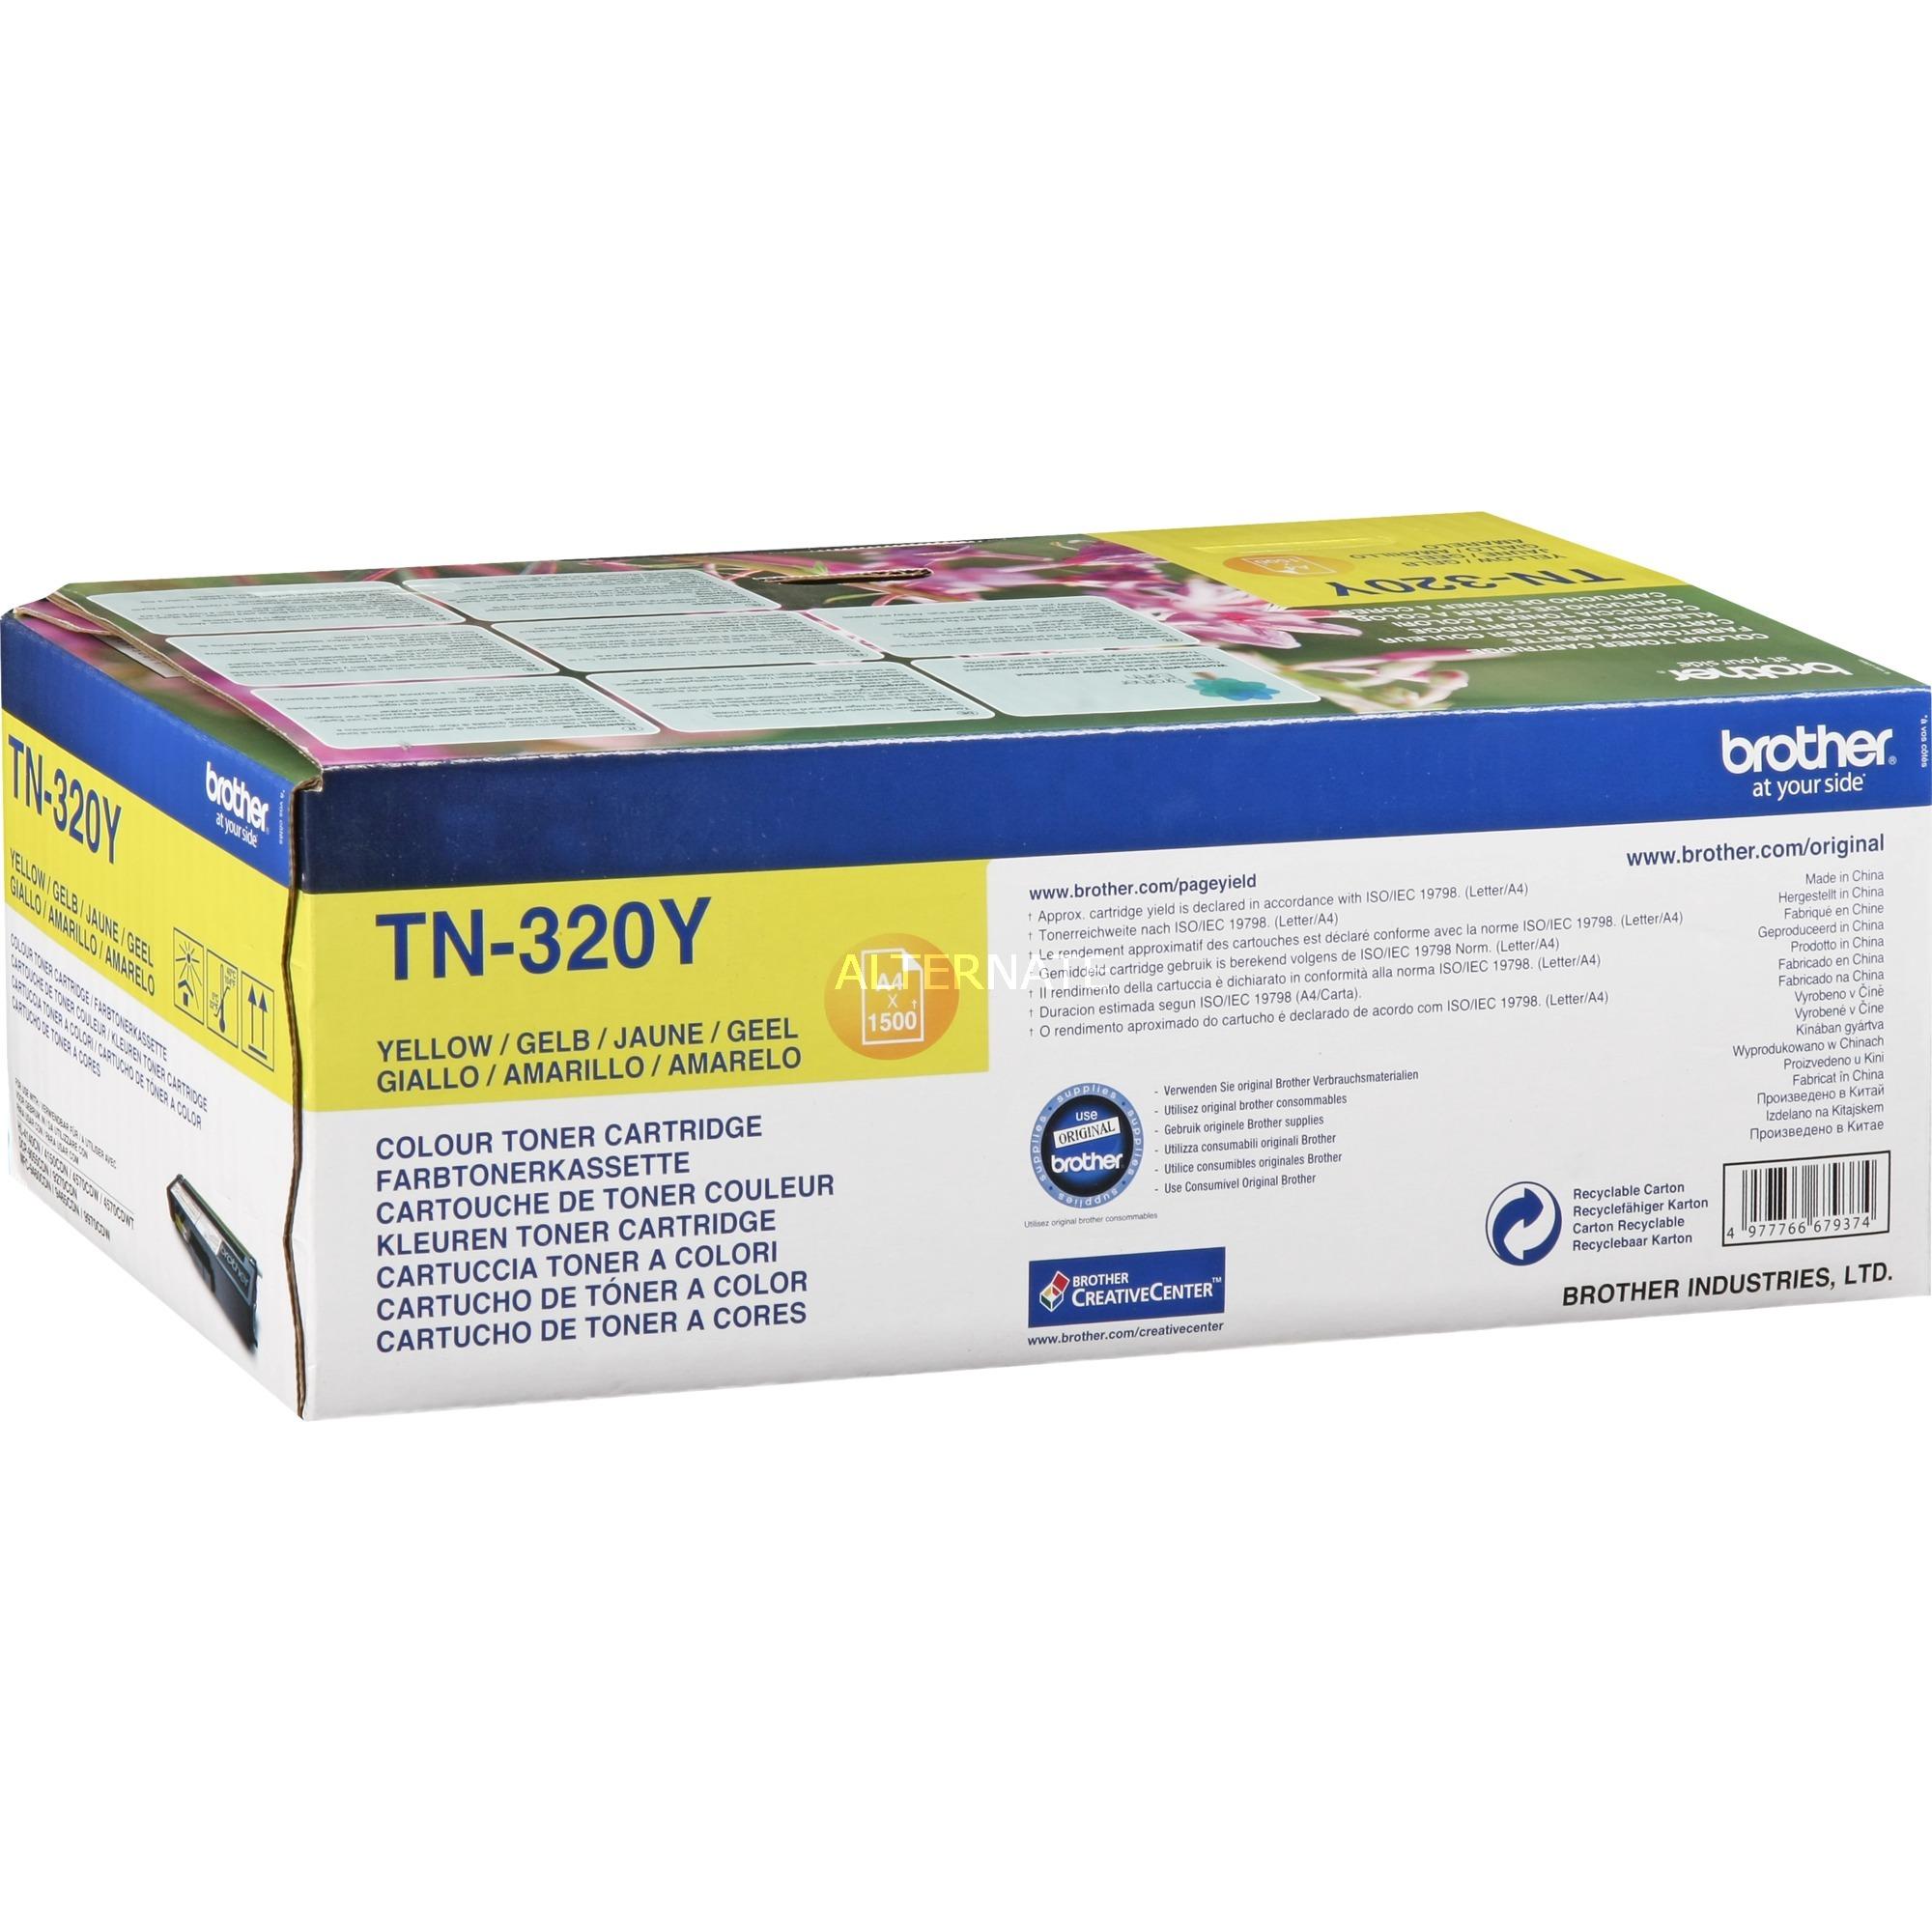 TN-320Y - Toner Jaune